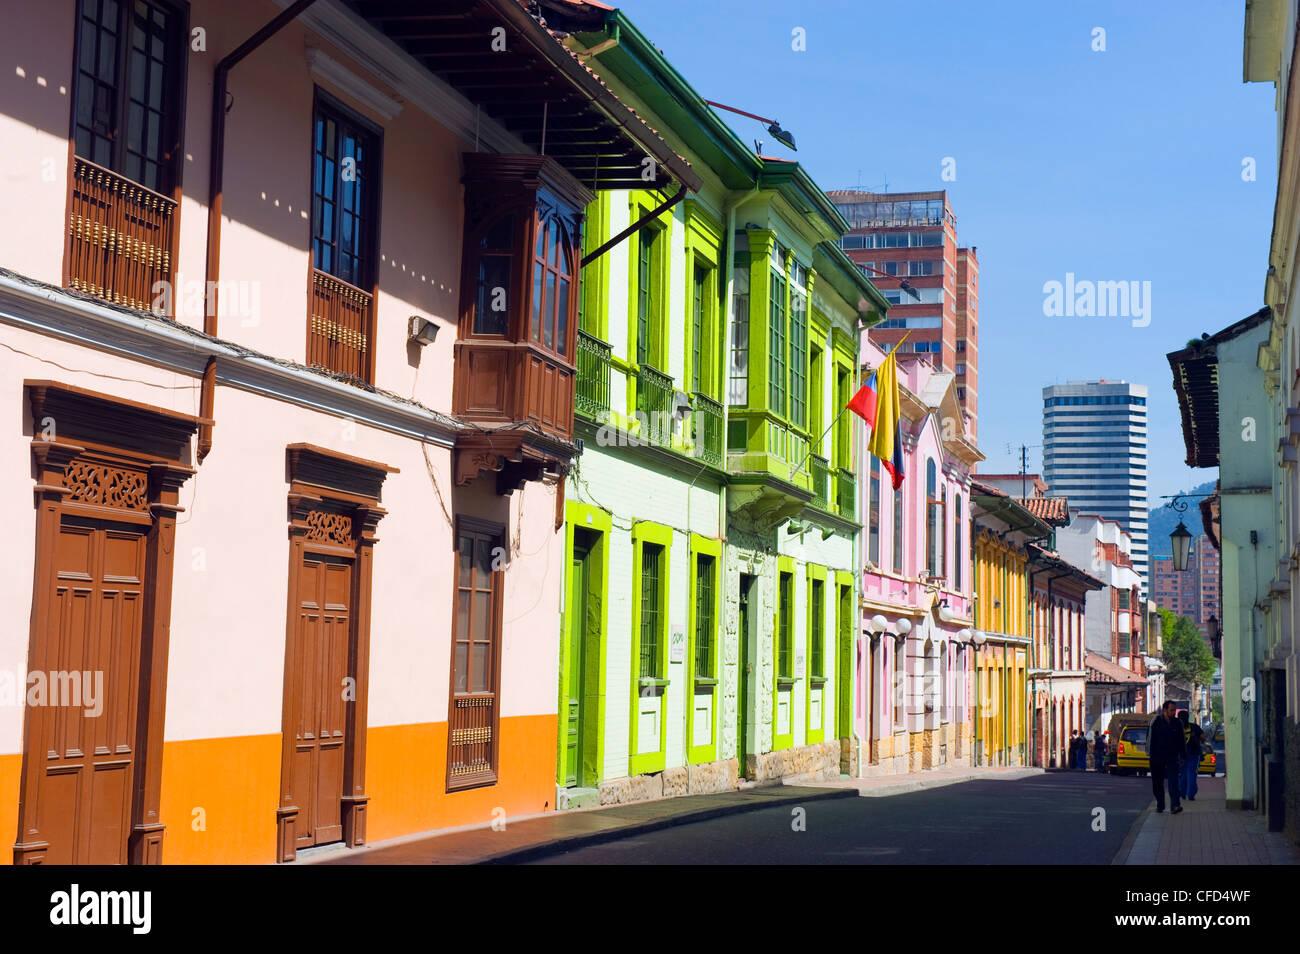 Case colorate, Bogotà, Colombia, Sud America Immagini Stock